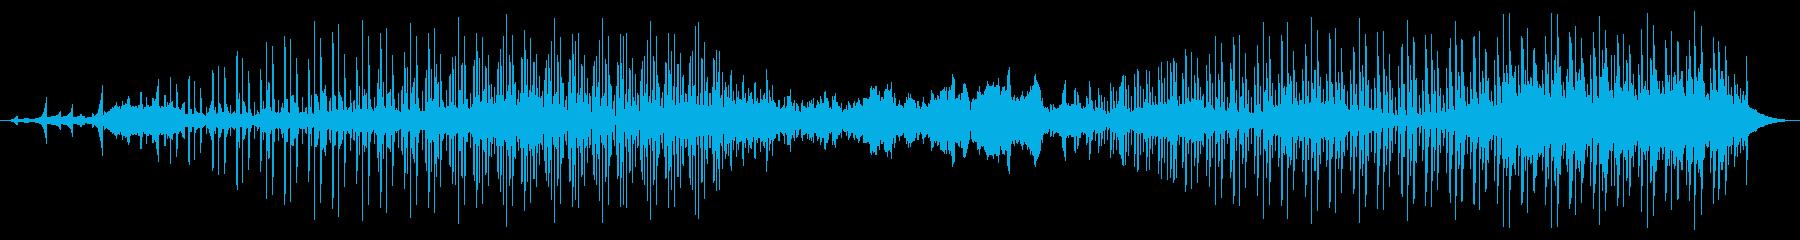 ホラーなイメージの音響作品の再生済みの波形